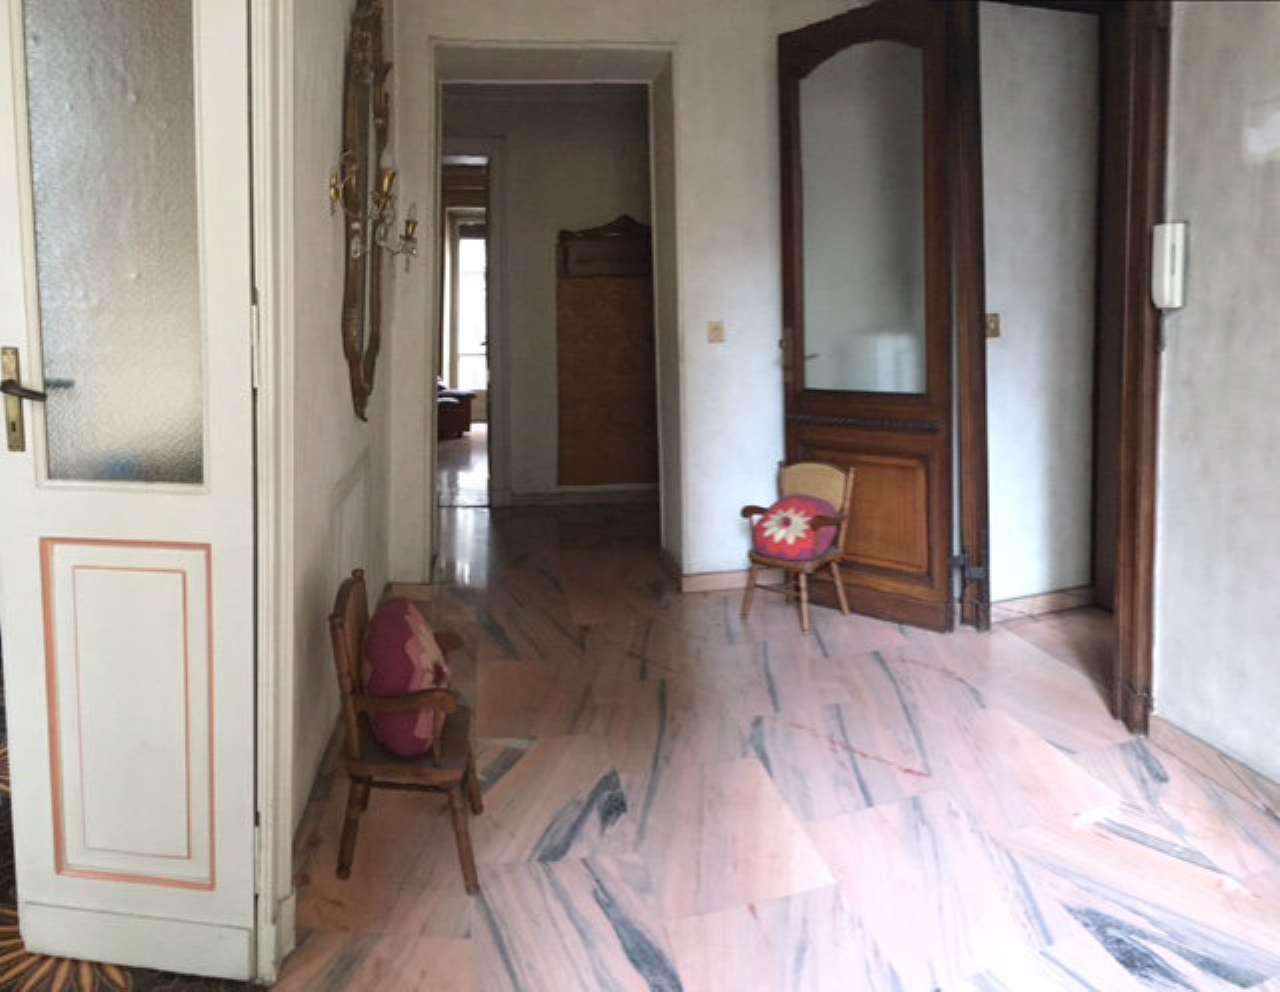 Appartamento in vendita a Torino, 5 locali, zona Zona: 2 . San Secondo, Crocetta, prezzo € 350.000 | Cambio Casa.it